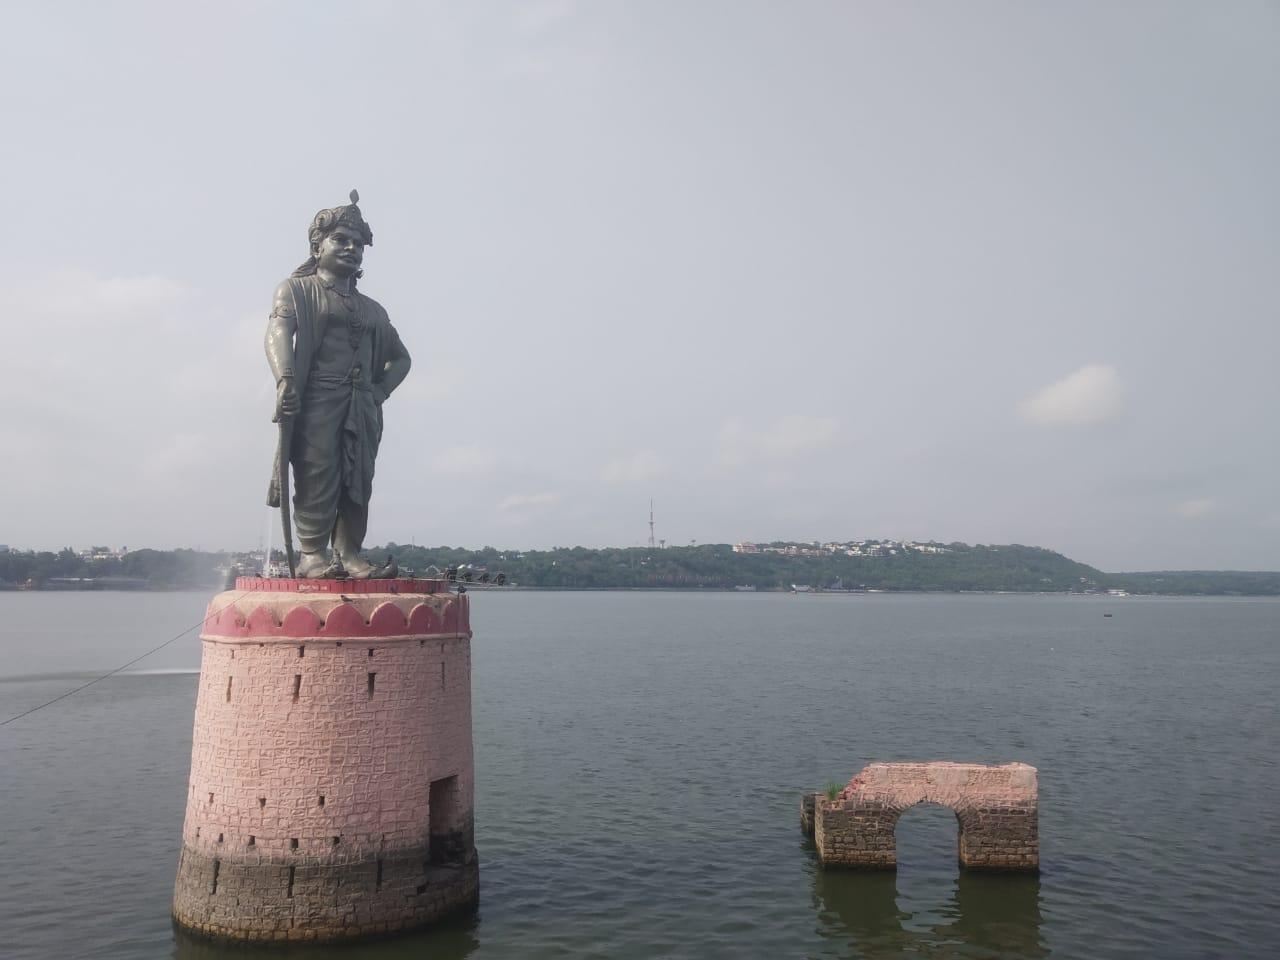 बारिश नहीं होने से भोपाल के बड़ा तालाब में वॉटर लेवल आधा फीट घटा, केरवा डैम में भी आई कमी|भोपाल,Bhopal - Dainik Bhaskar